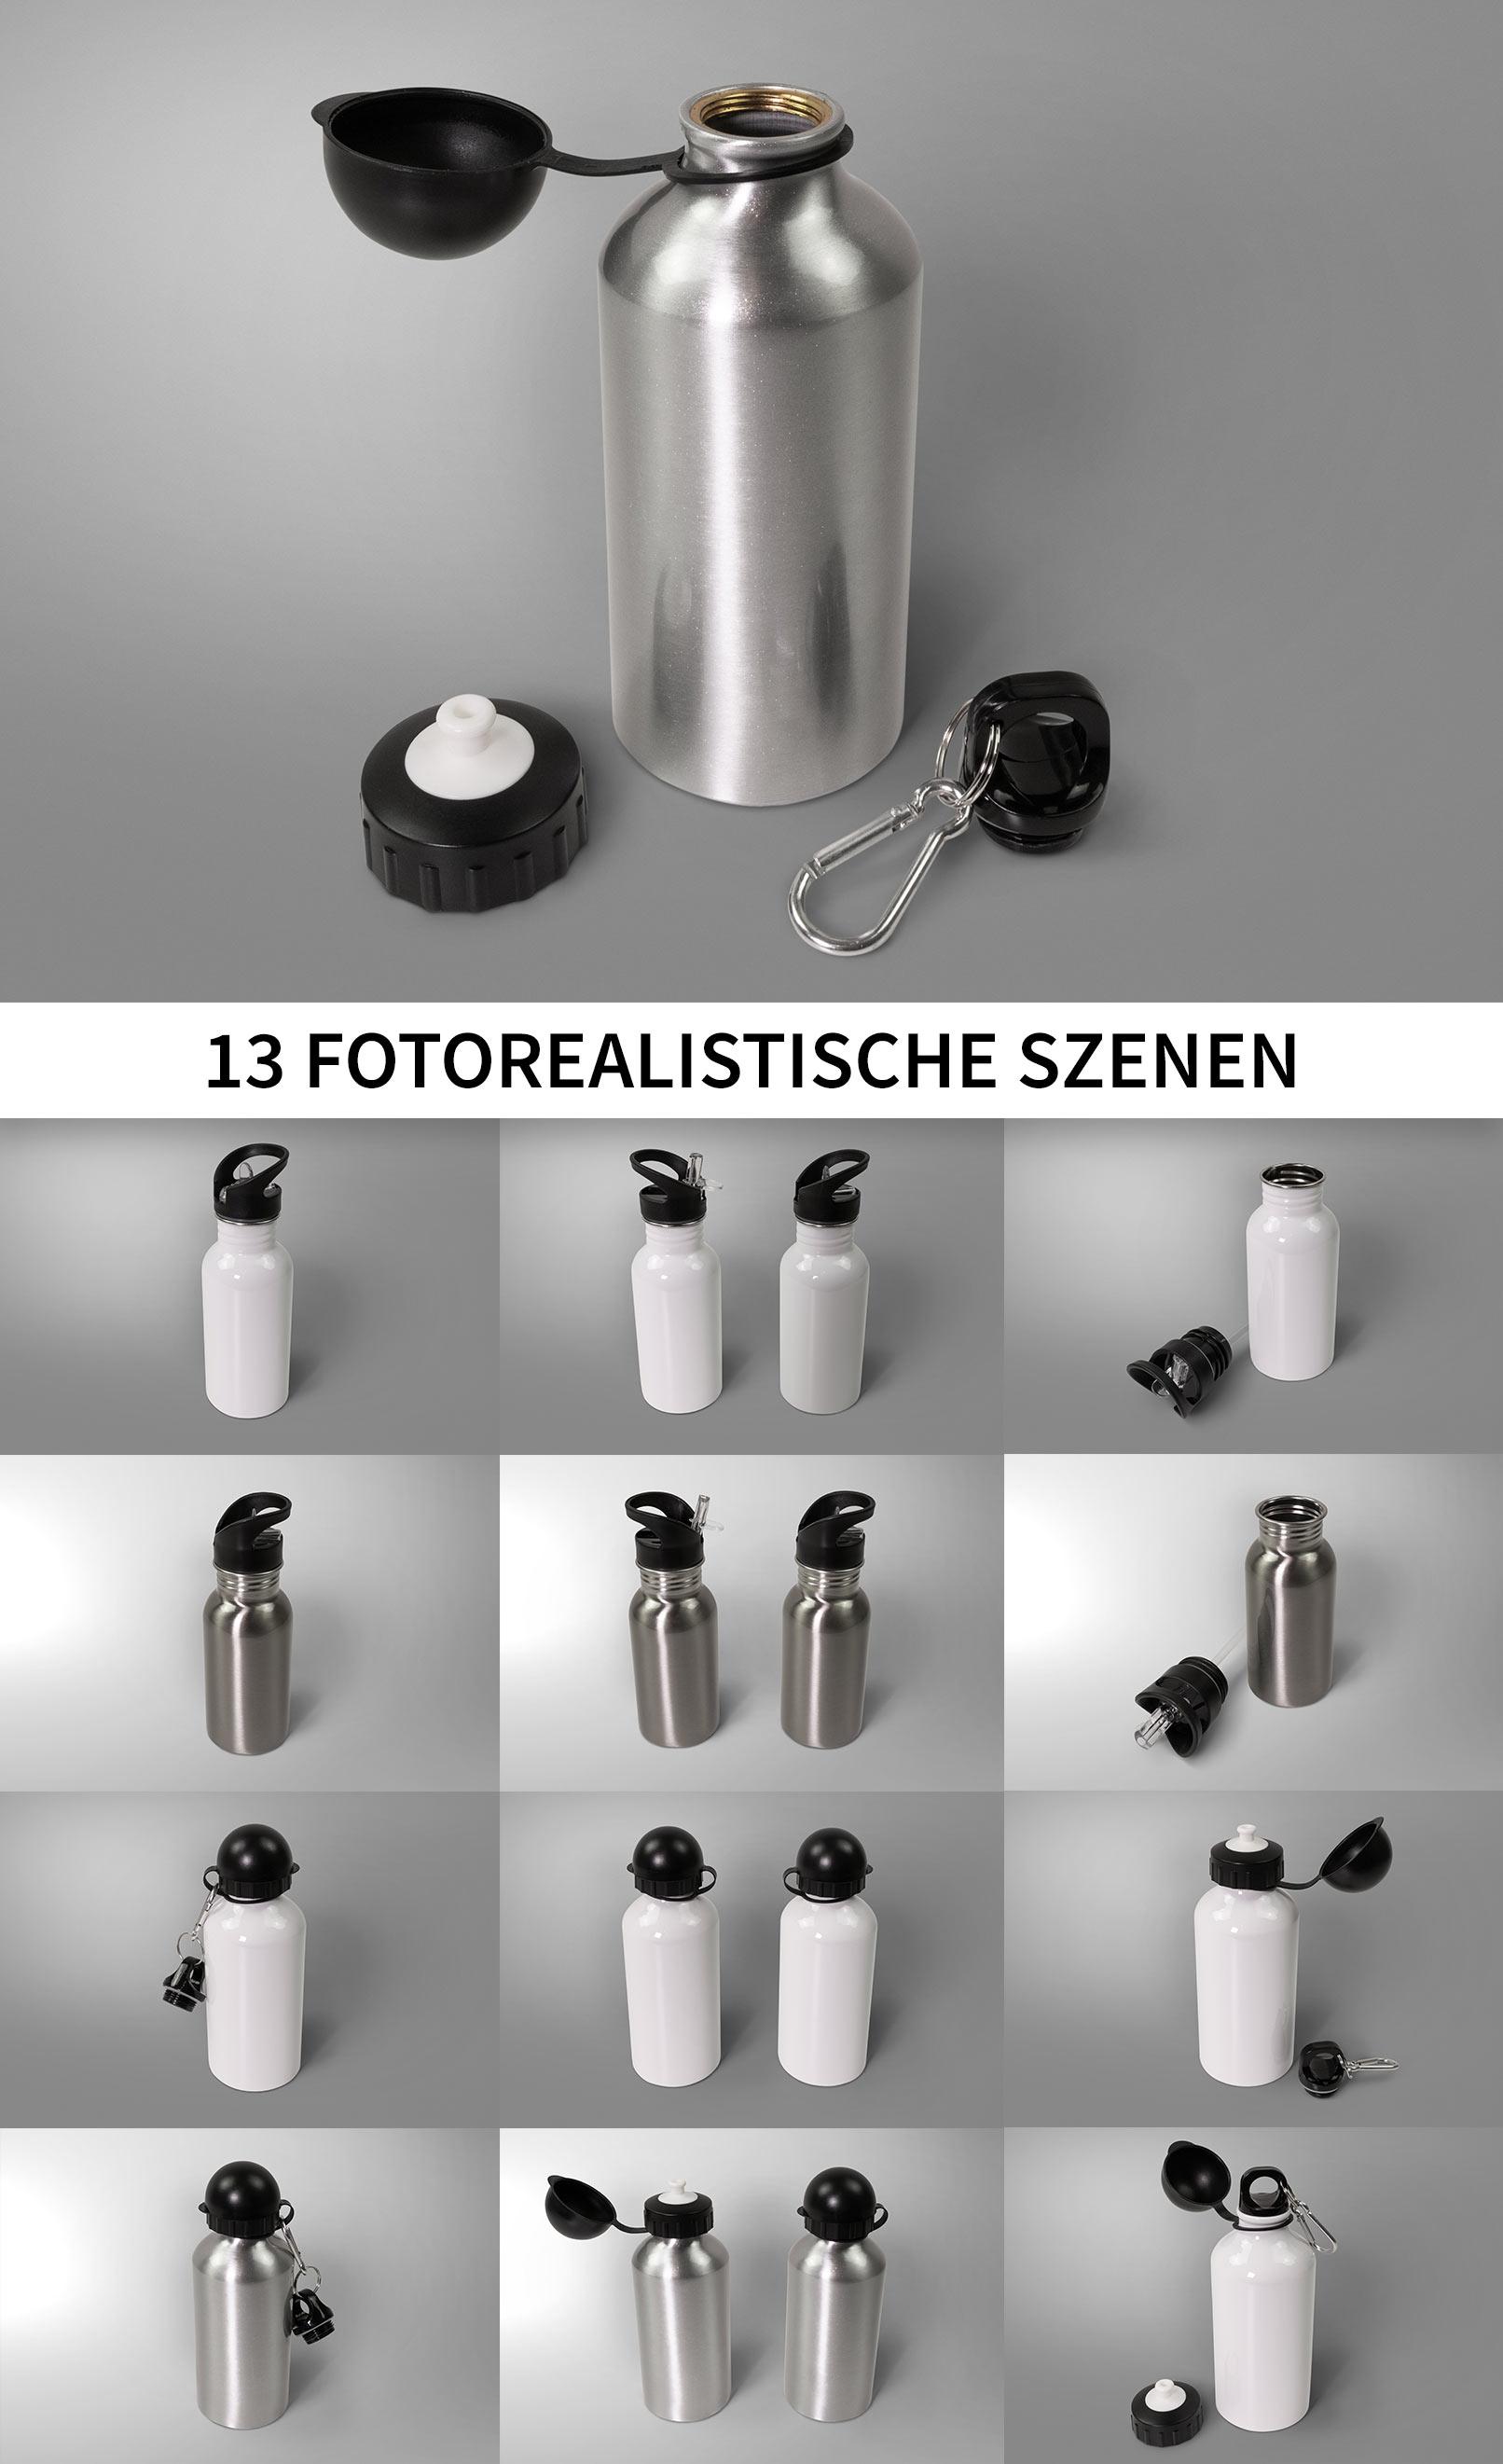 13 Mockups für Sport-Thermosflaschen bzw. Isolierflaschen in der Übersicht